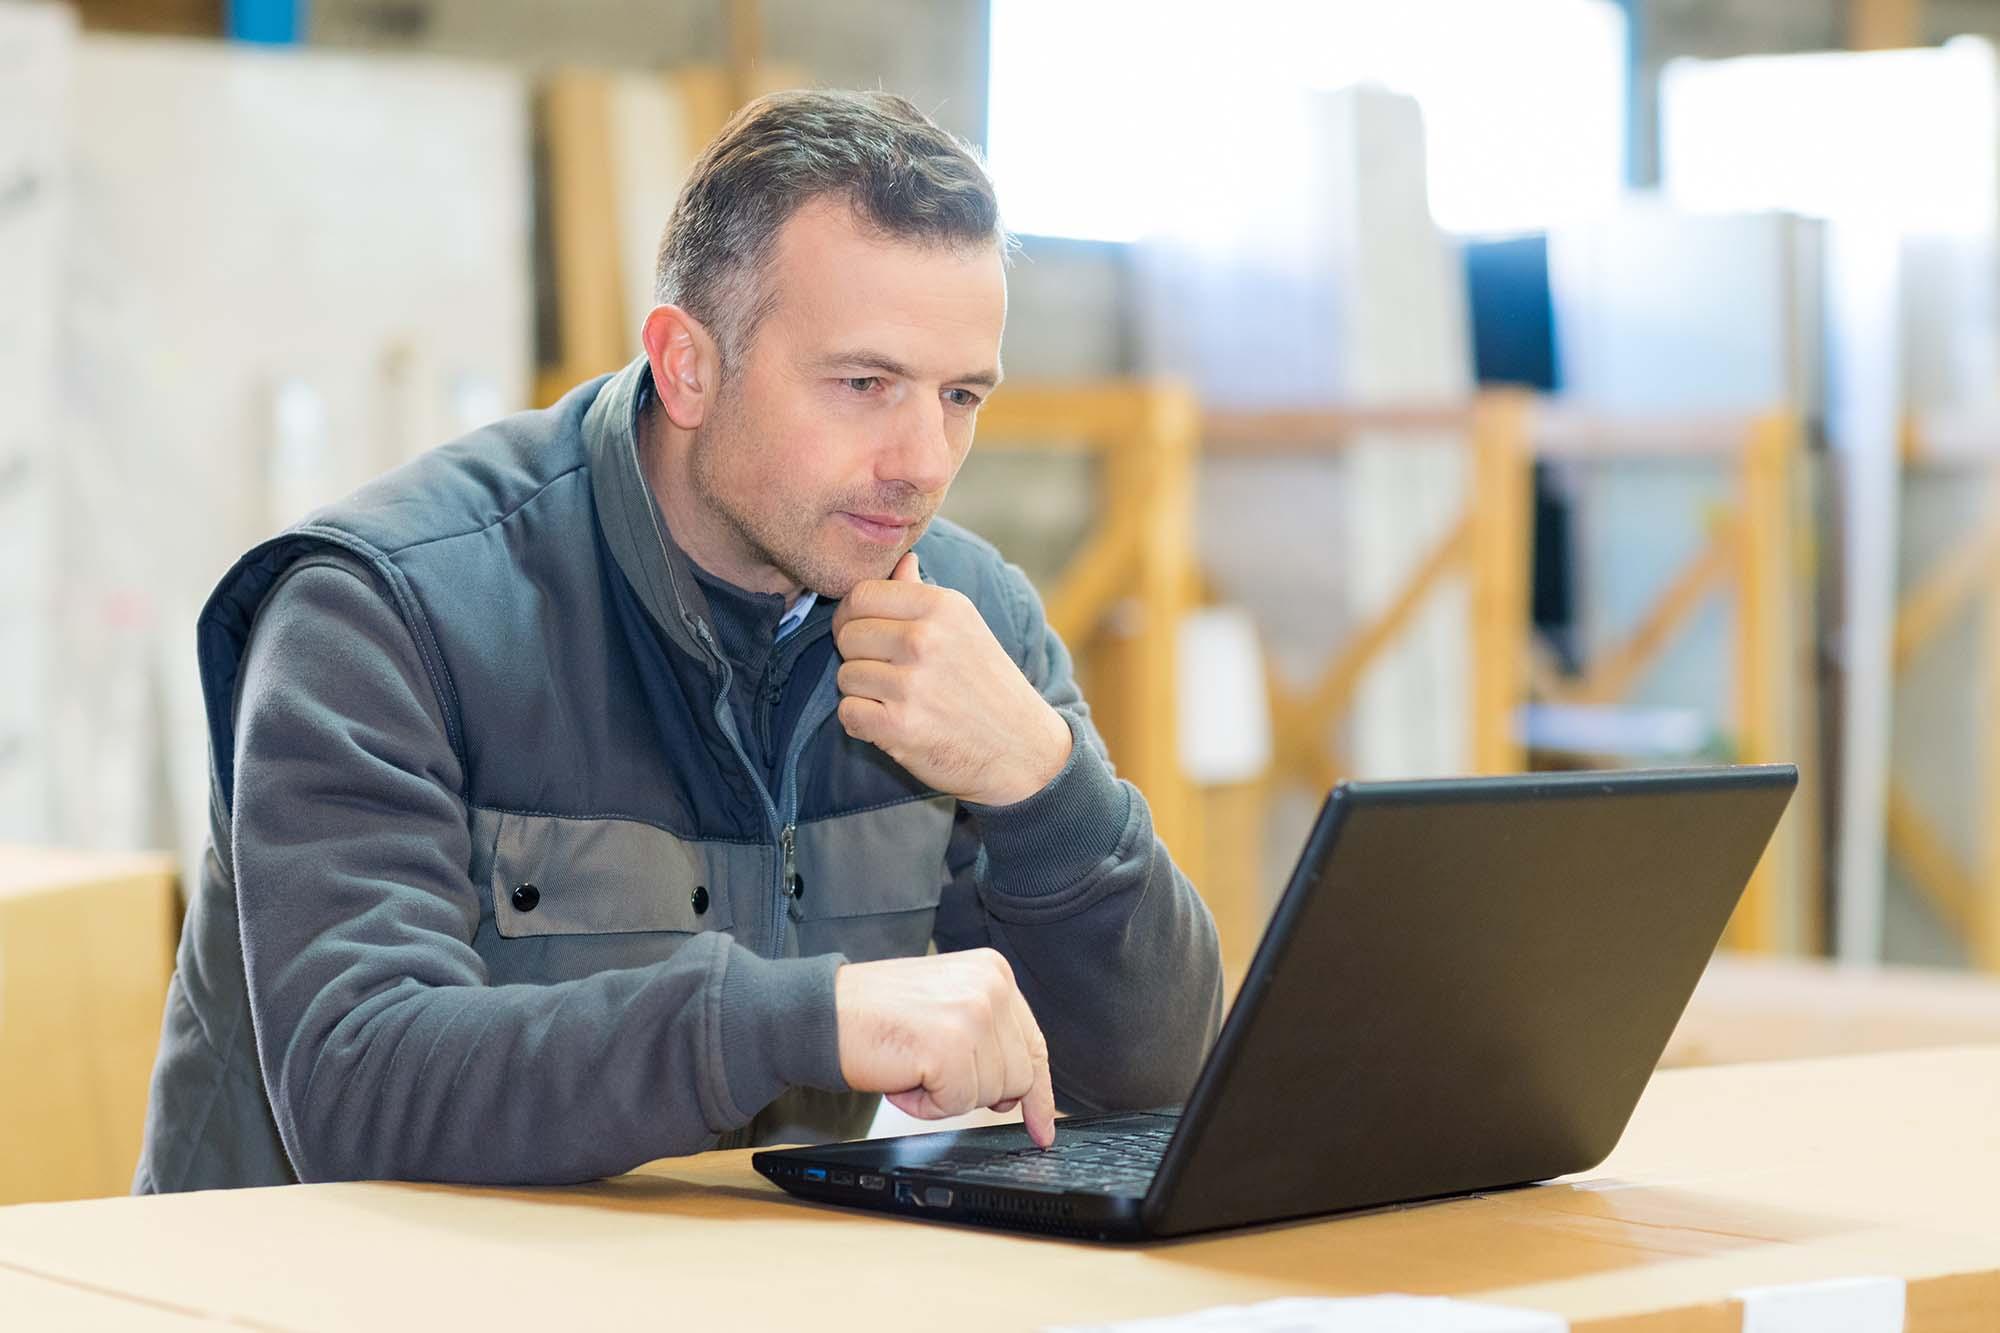 working man checking laptop